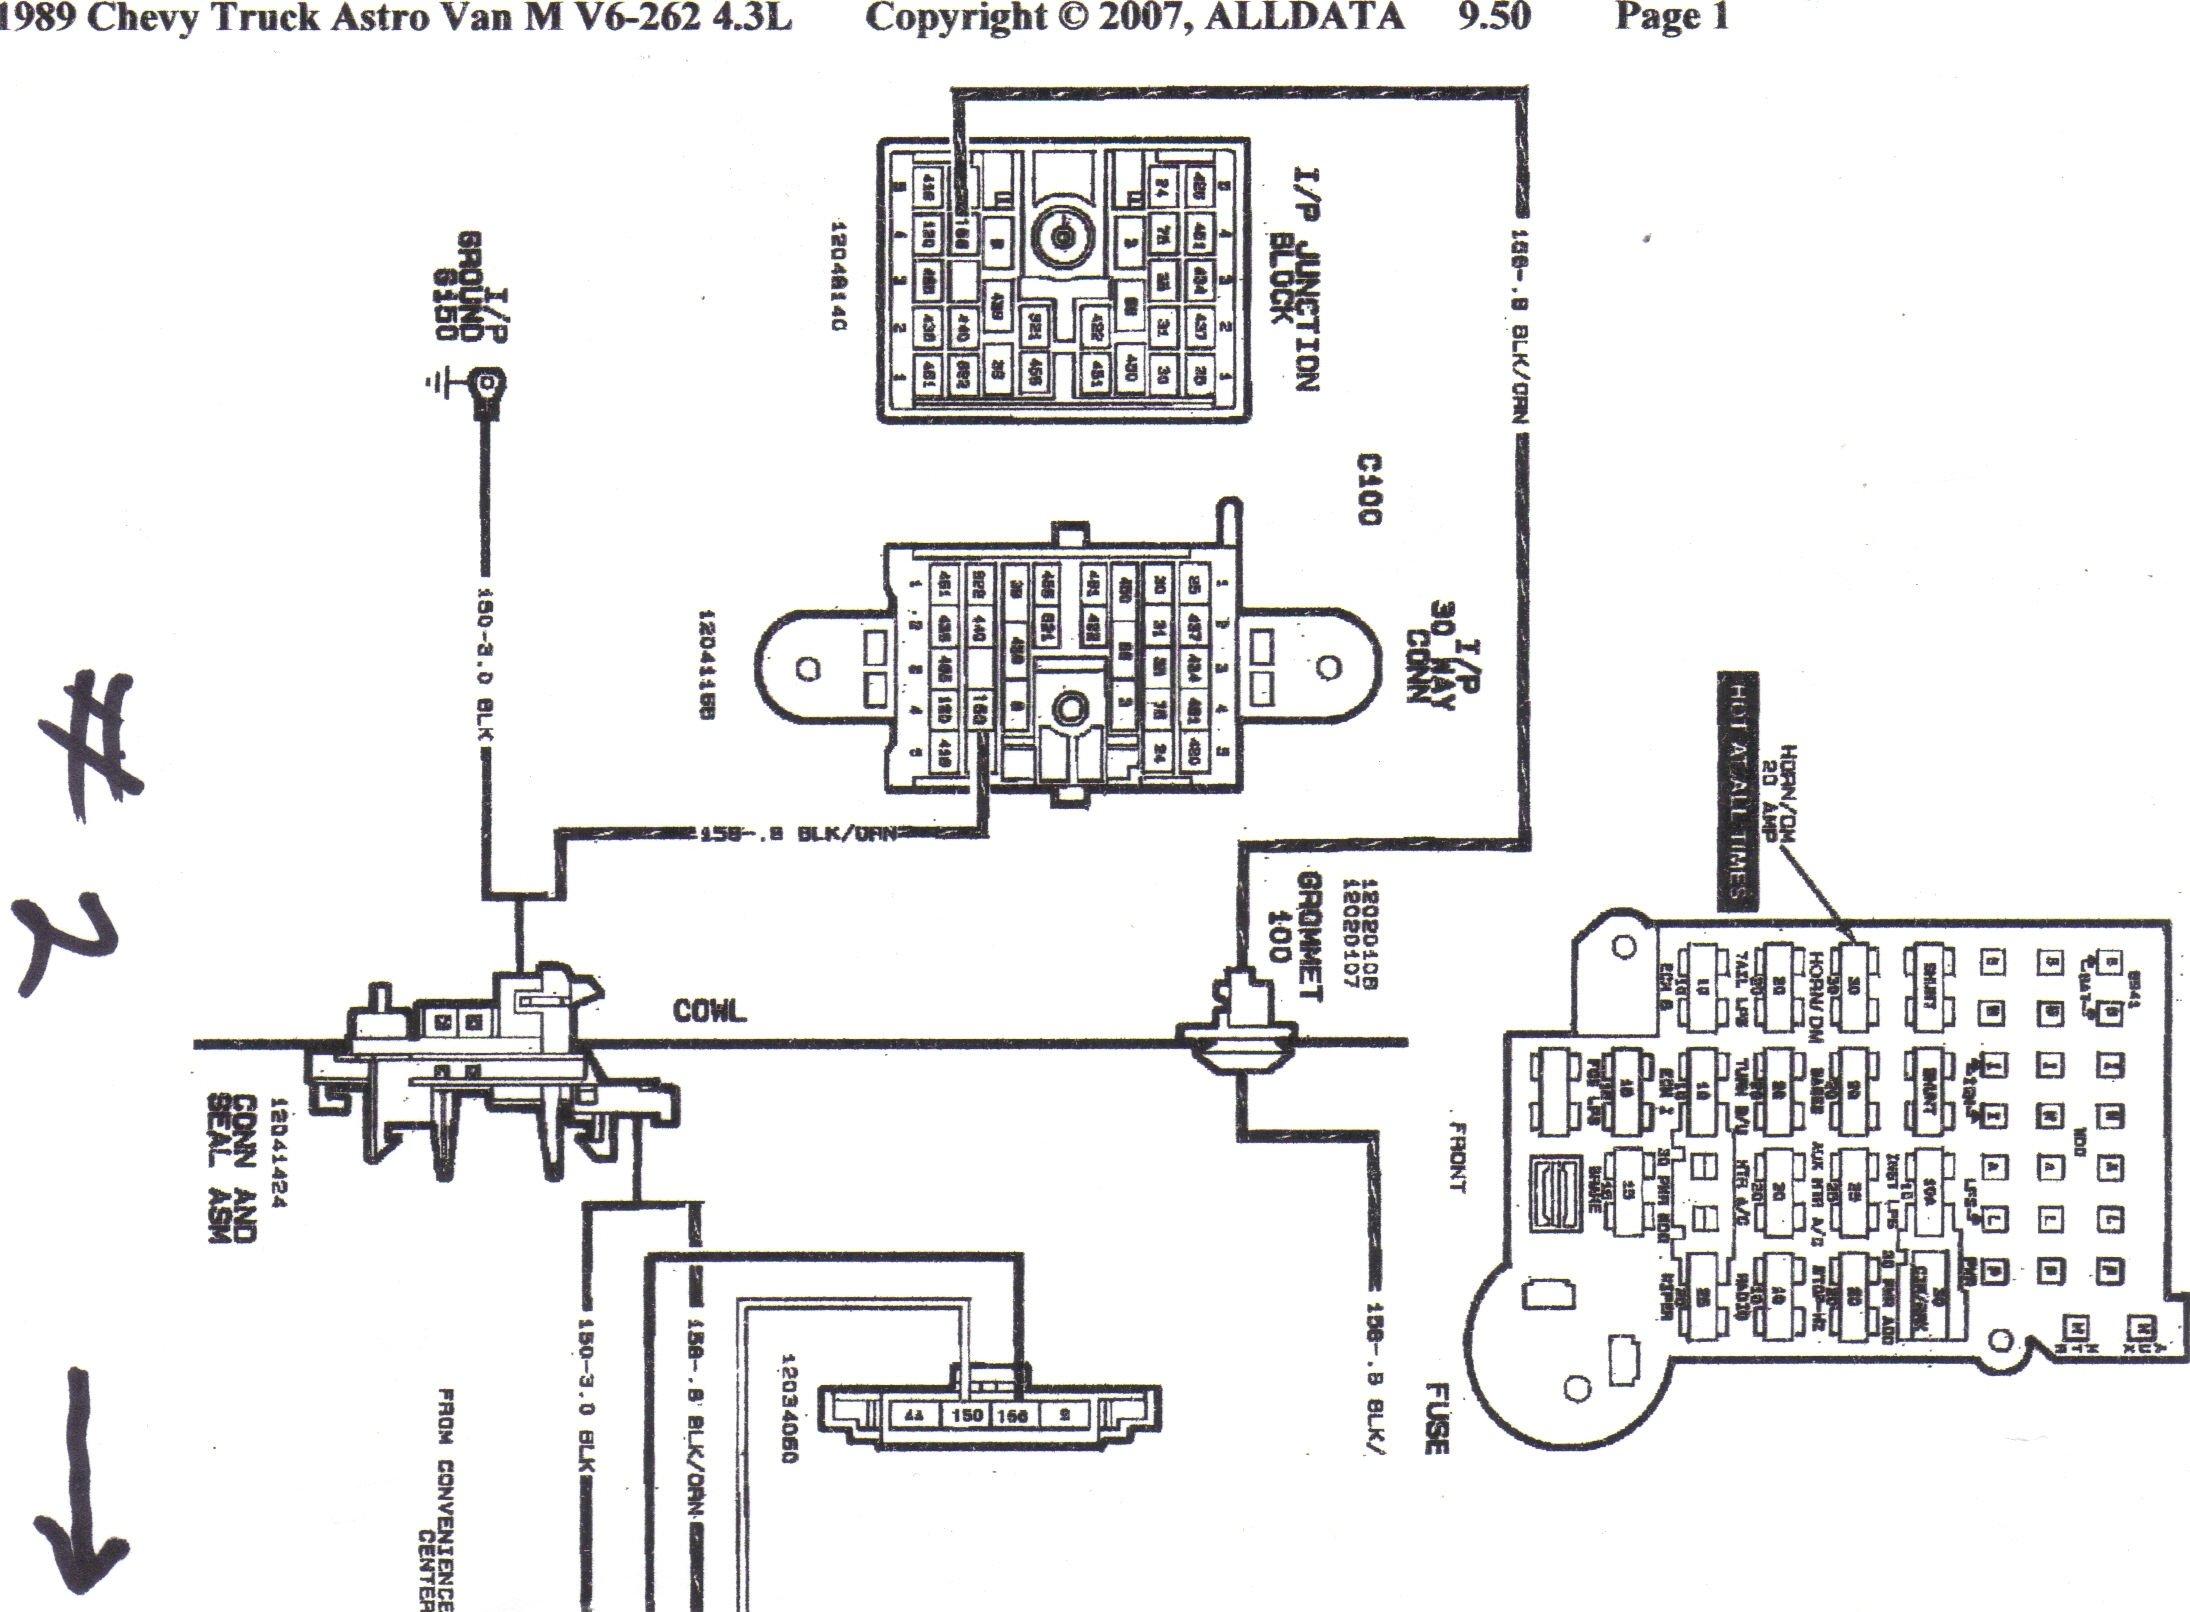 2001 buick lesabre owners manual pdf